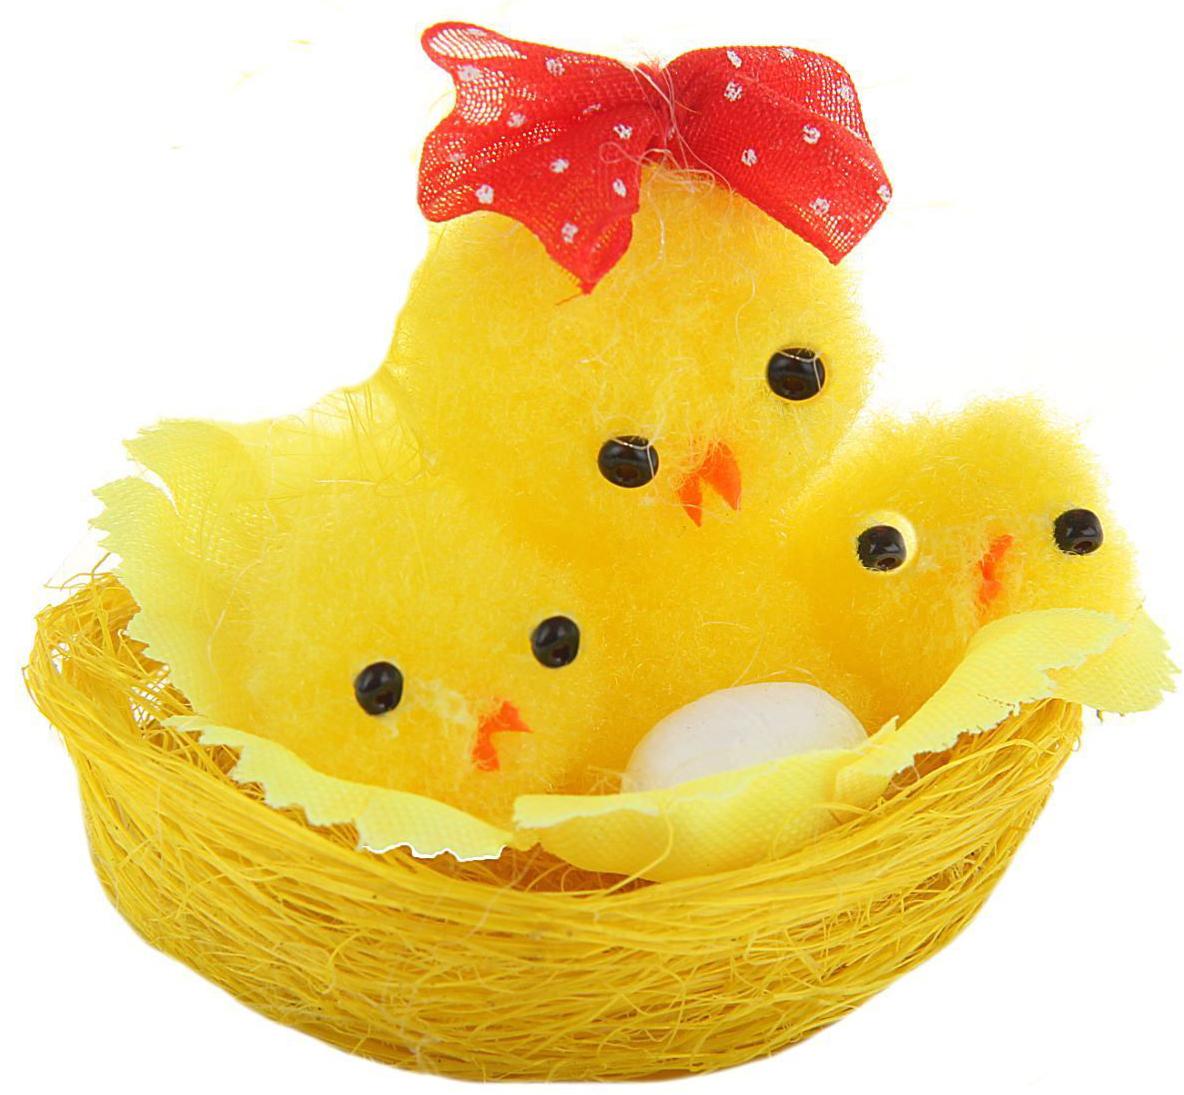 Сувенир пасхальный Sima-land Цыпа с цыплятами и яйцом в корзинке, 5 х 5 х 4 см яйцо шкатулка sima land цветочный без ножек 5 х 5 х 6 5 см